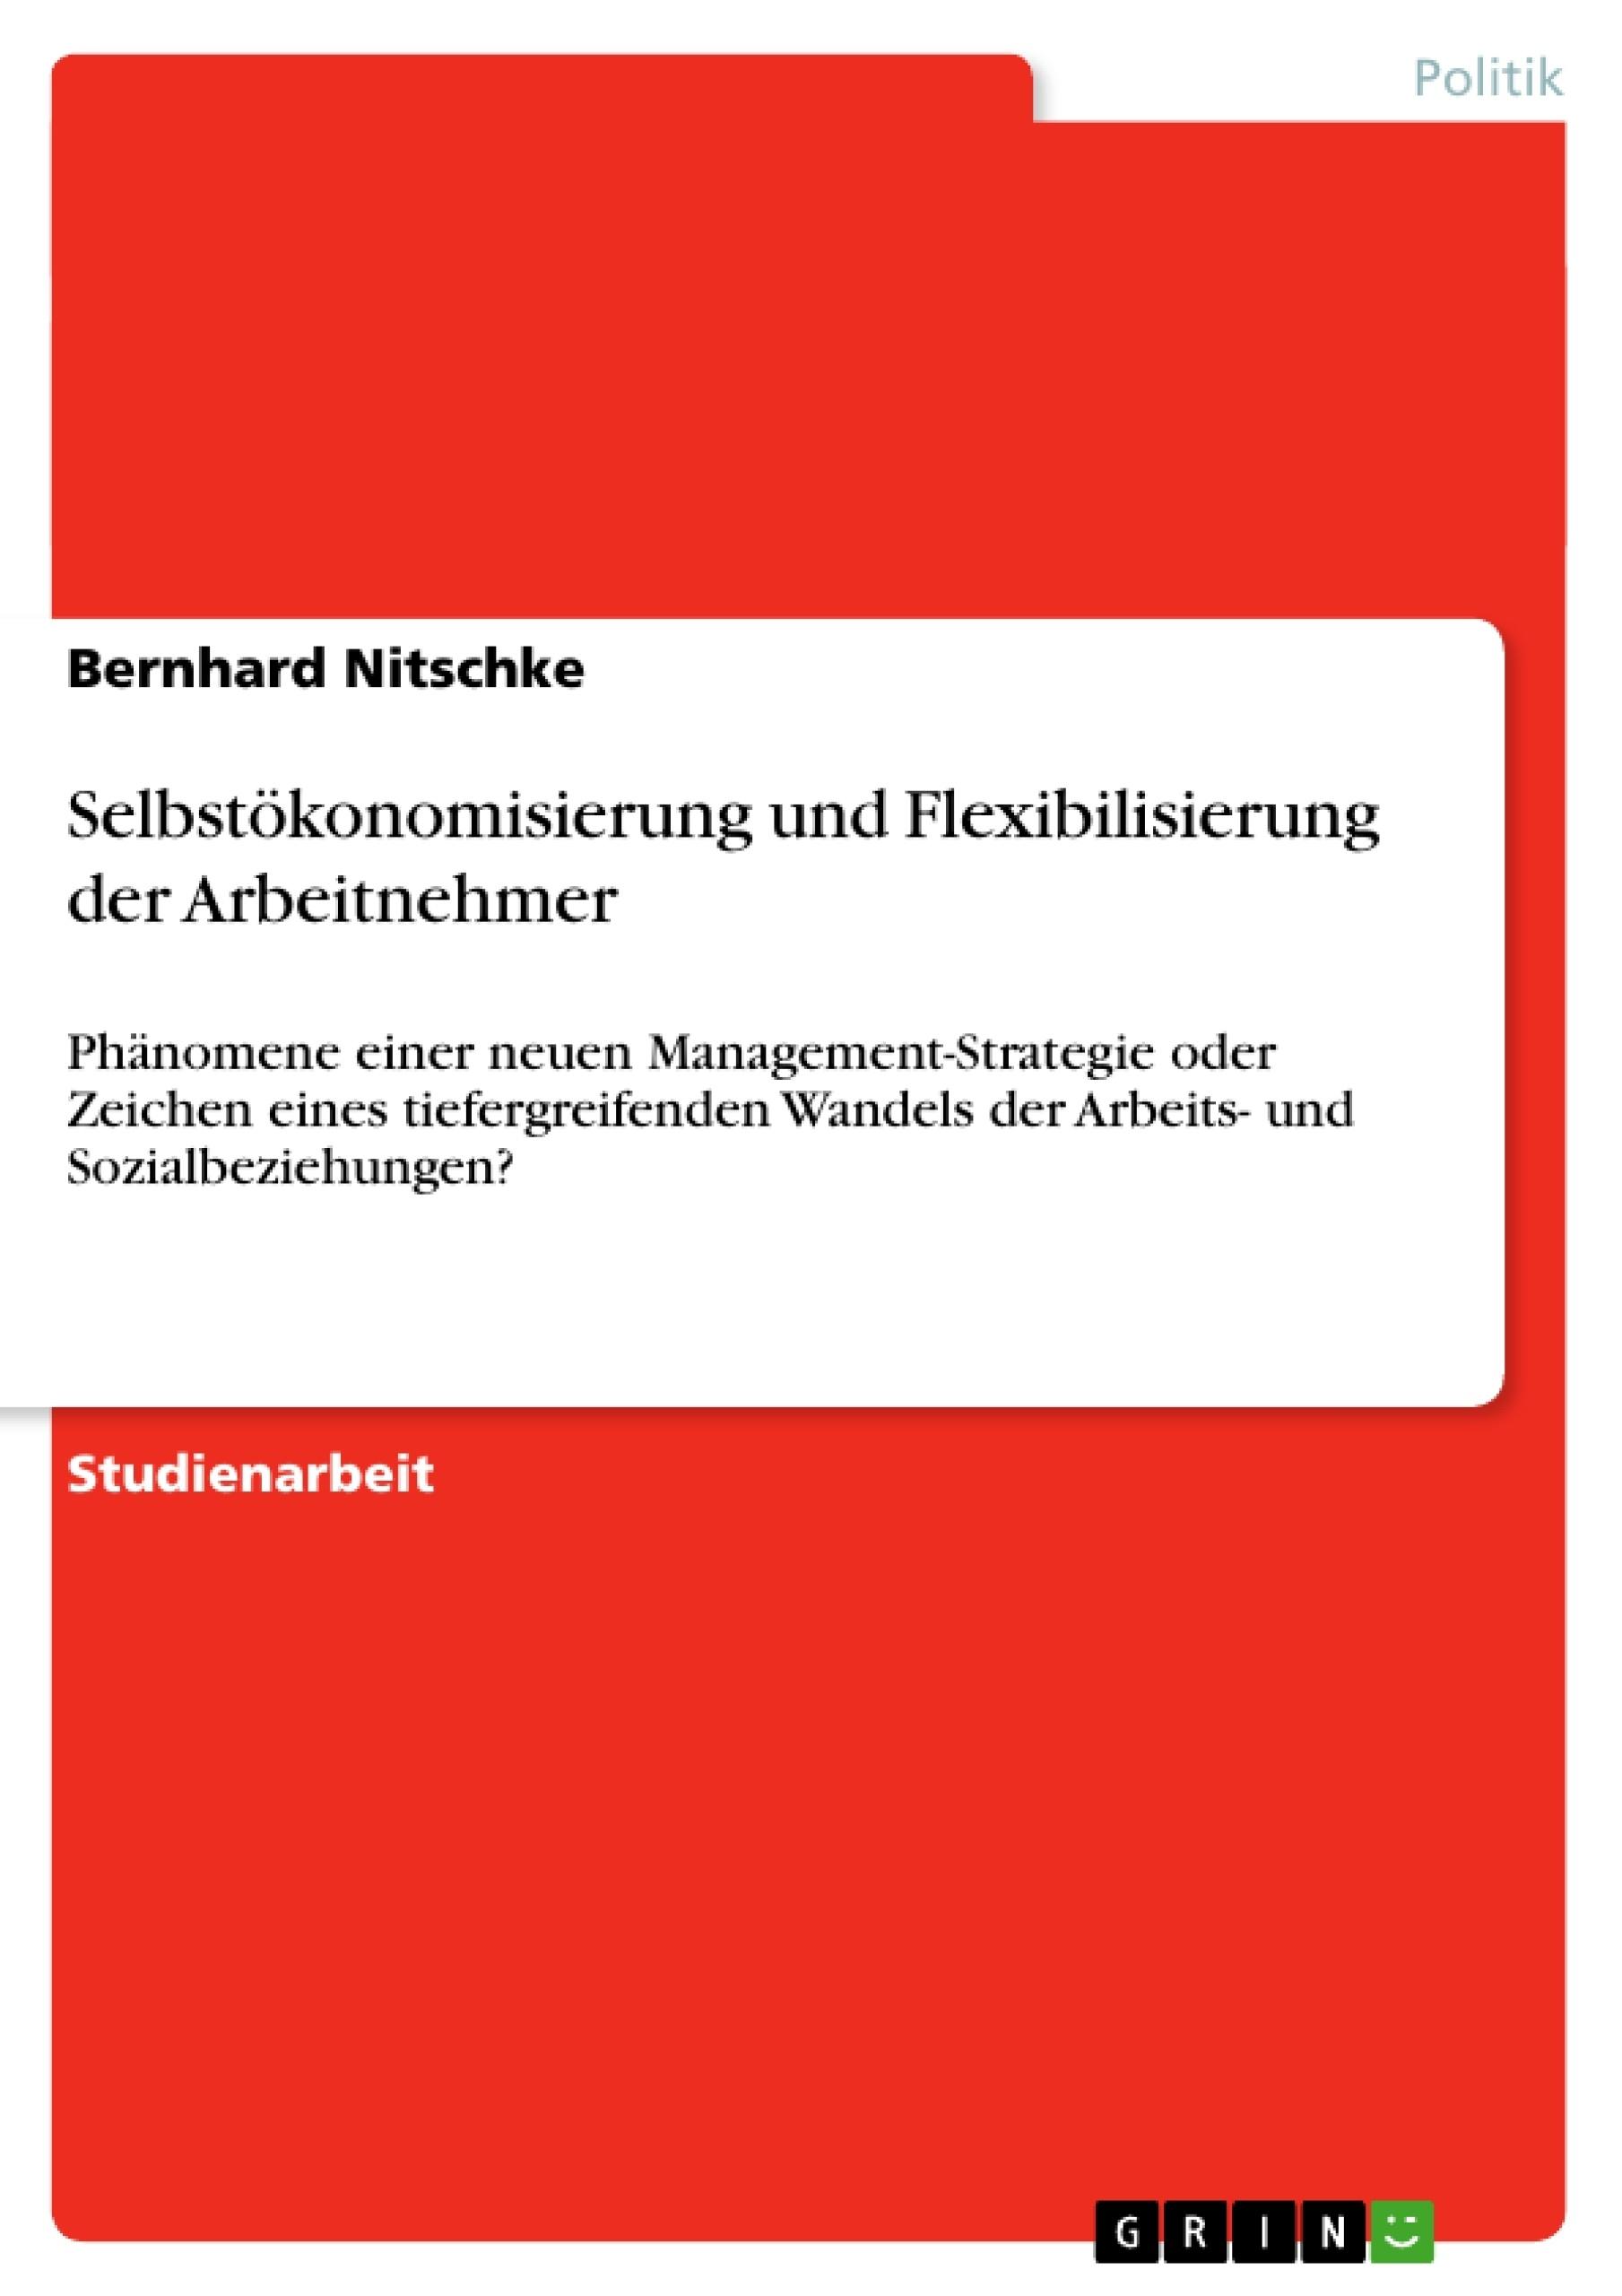 Titel: Selbstökonomisierung und Flexibilisierung der Arbeitnehmer